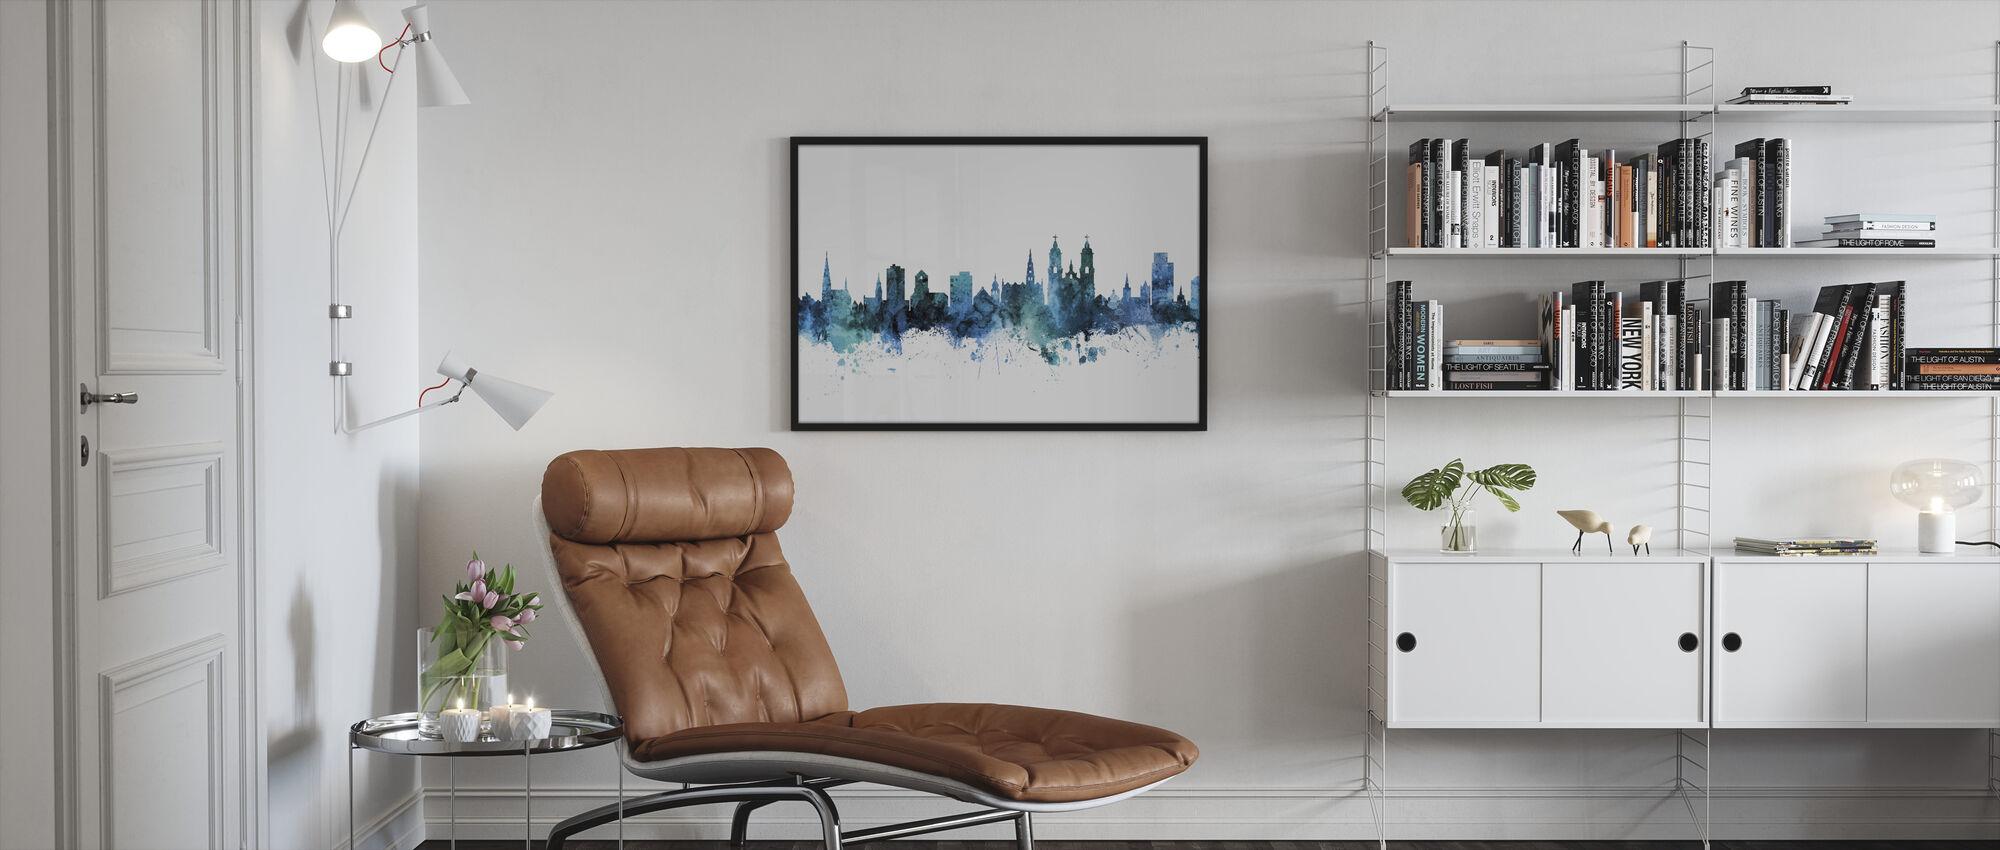 St Gallen Switzerland Skyline - Framed print - Living Room